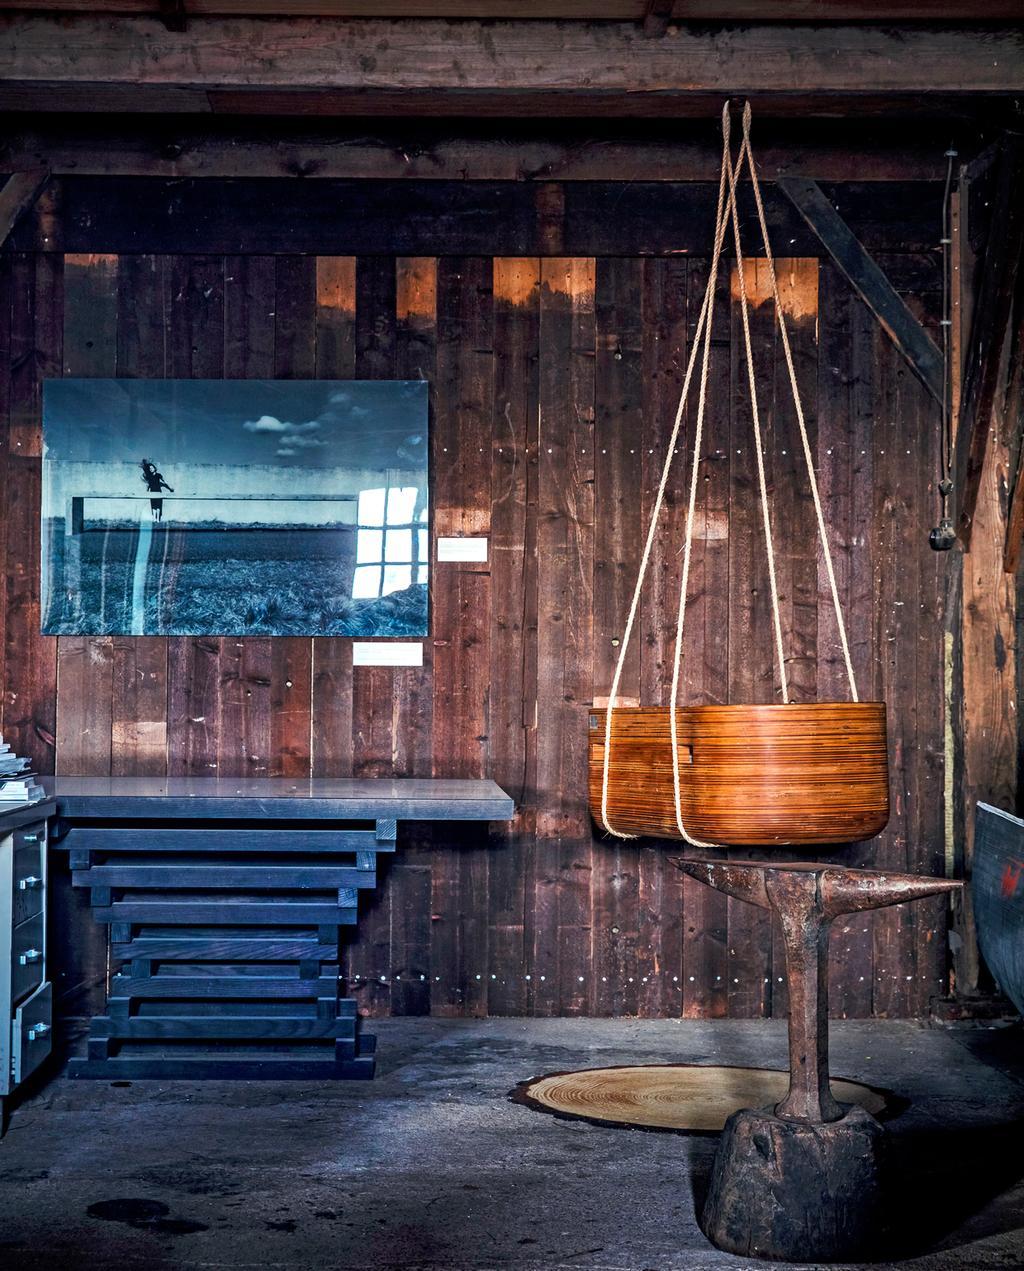 vtwonen 1-2020 | Ambacht werkruimte Joost tafels dakspanten houte schommel